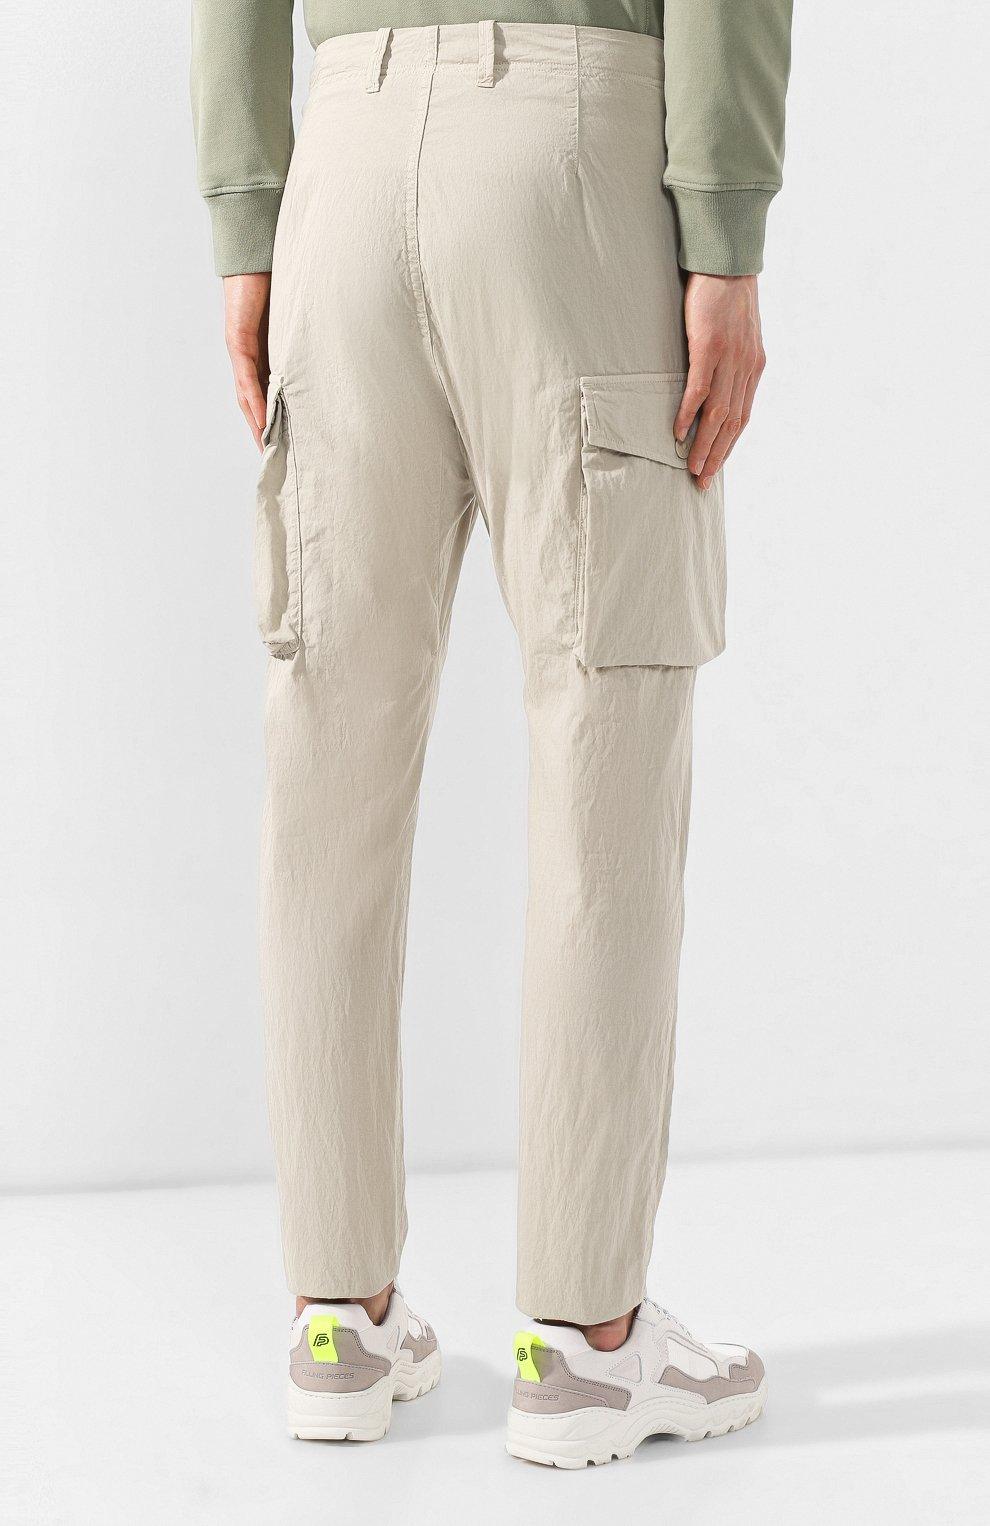 877630cfb7c Мужские бежевые хлопковые брюки карго STONE ISLAND — купить за 20850 ...